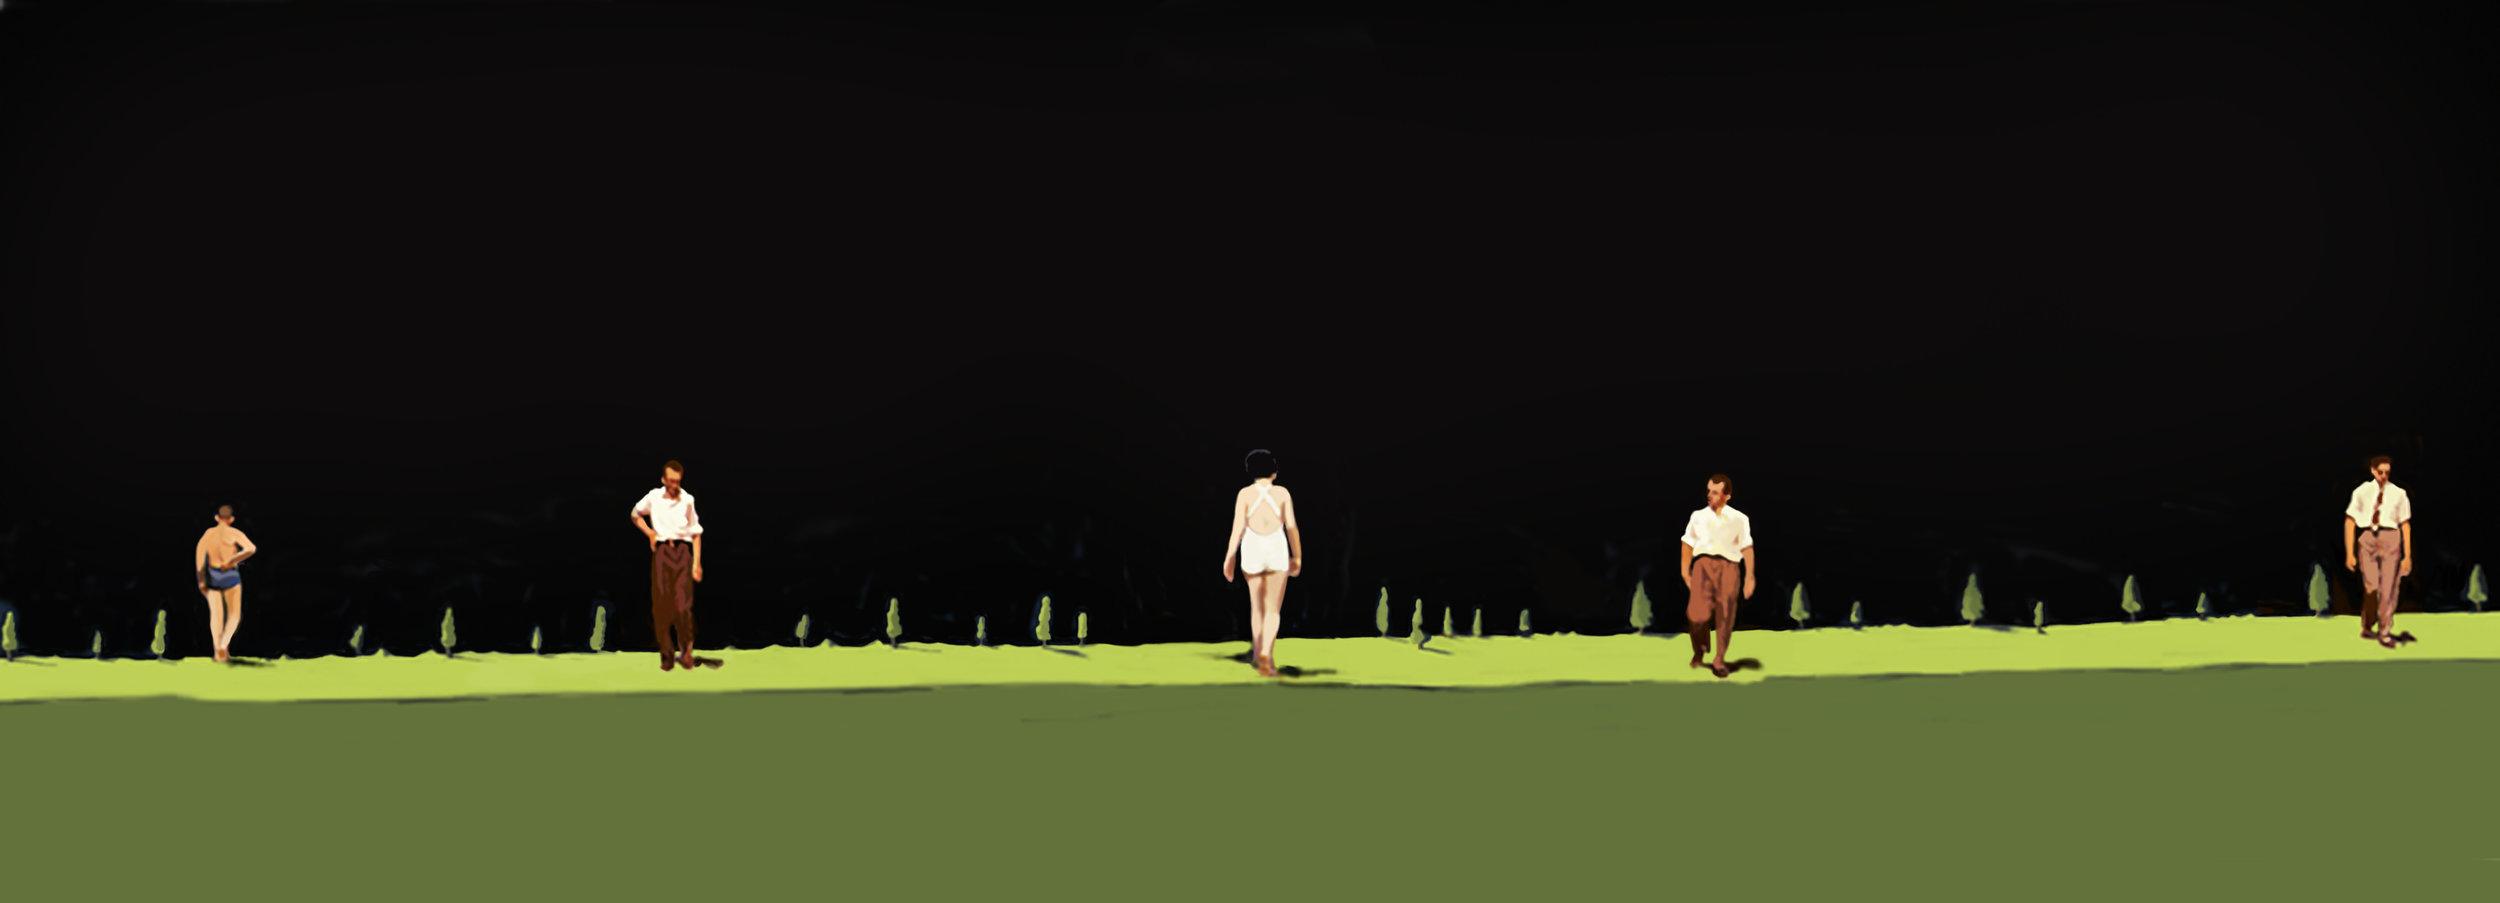 Night Lives Scene 12.jpg